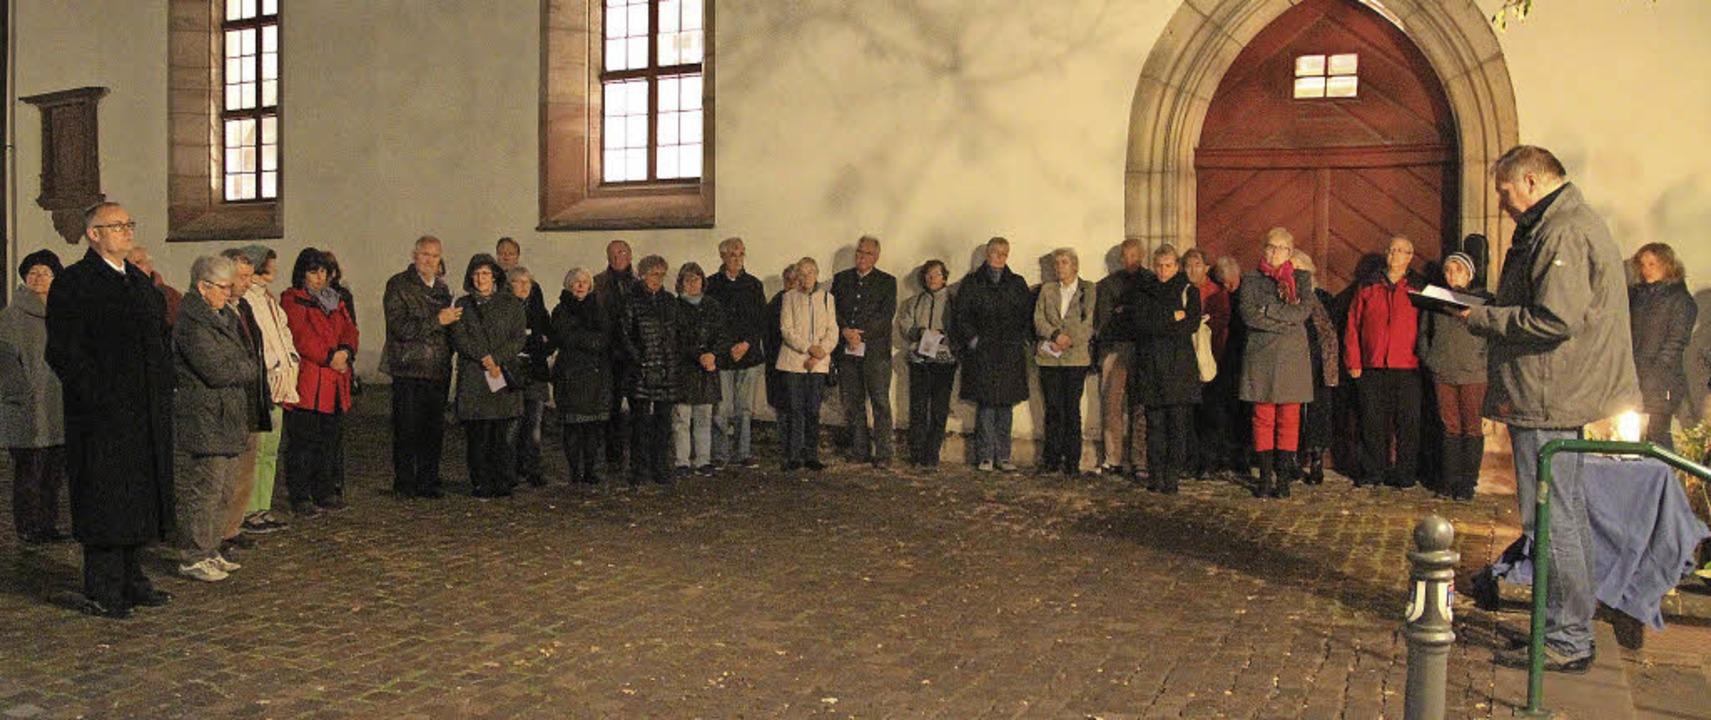 Eine Gedenkfeier  vor der Alten Kirche... ein ökumenischer Gottesdienst voran.     Foto: Anja Bertsch